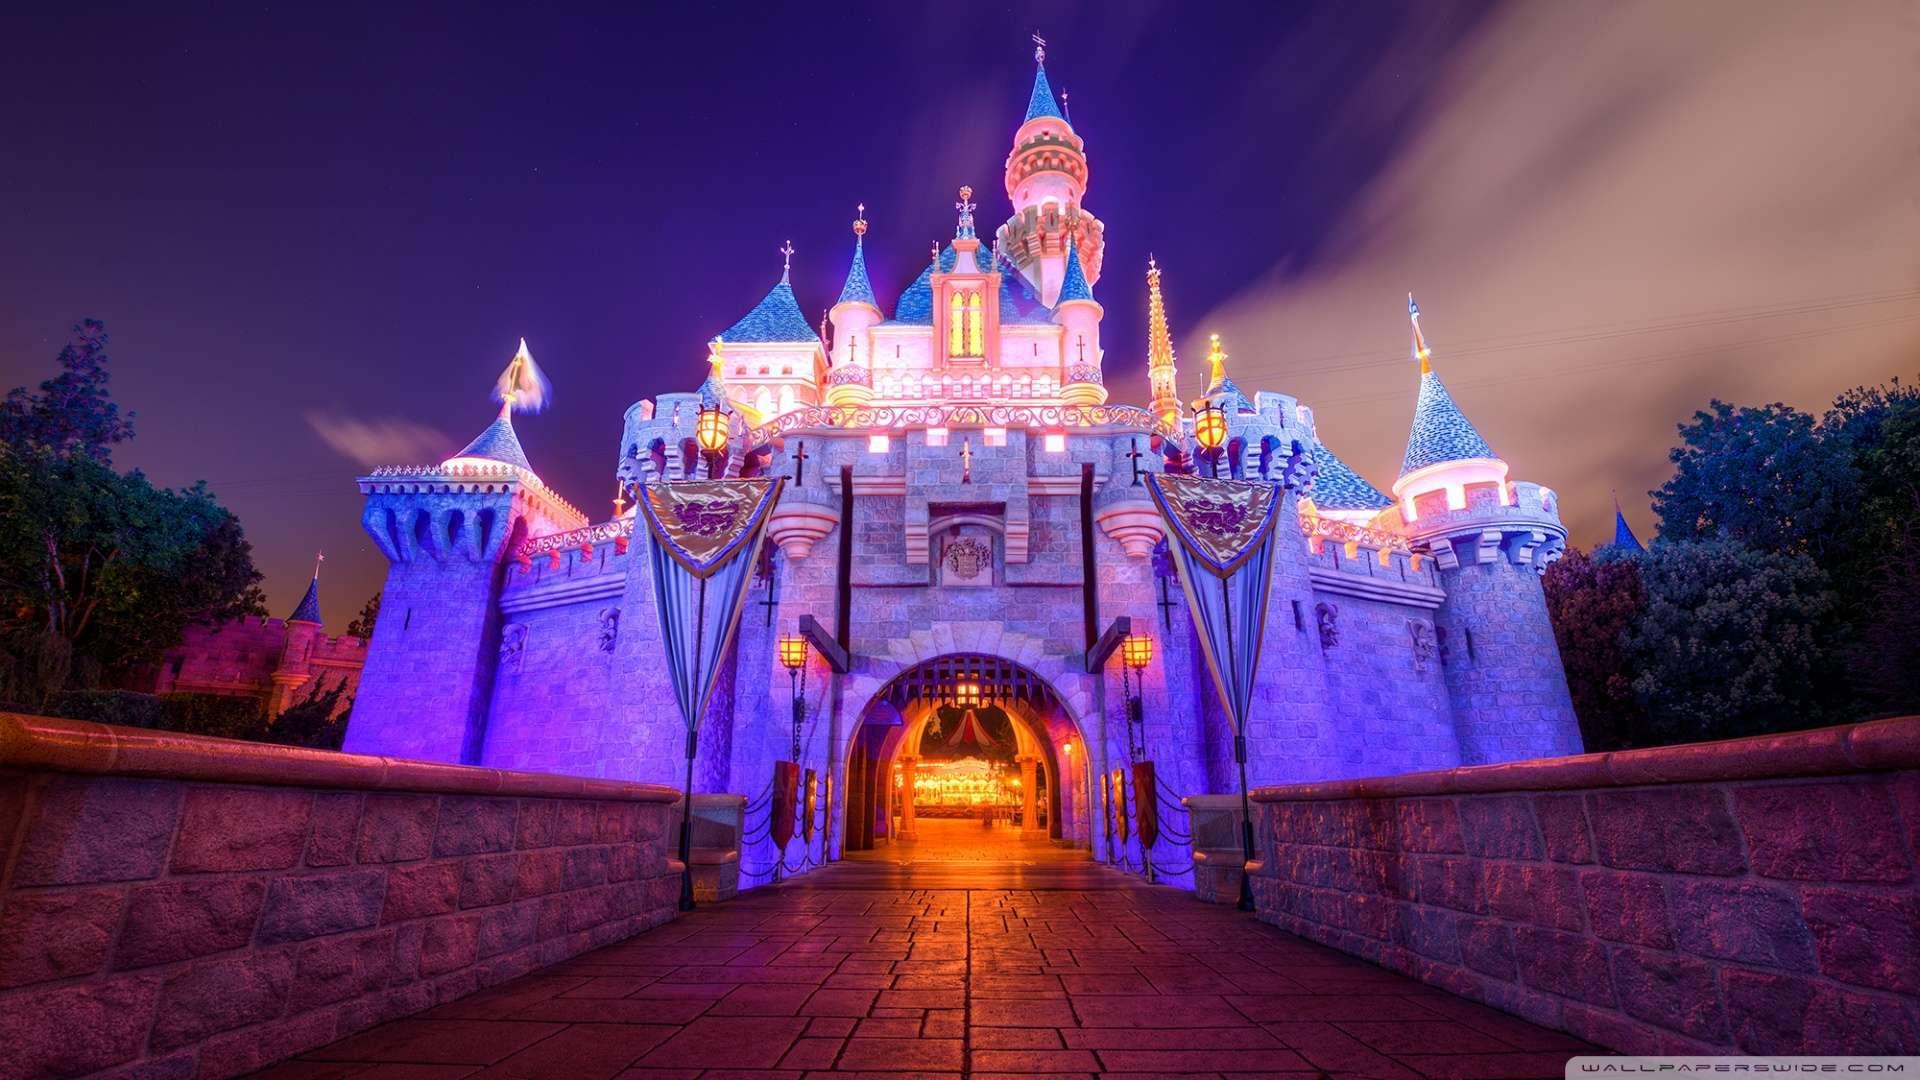 Wallpaper Sleeping Beauty Castle Disneyland Wallpaper 1080p HD 1920x1080